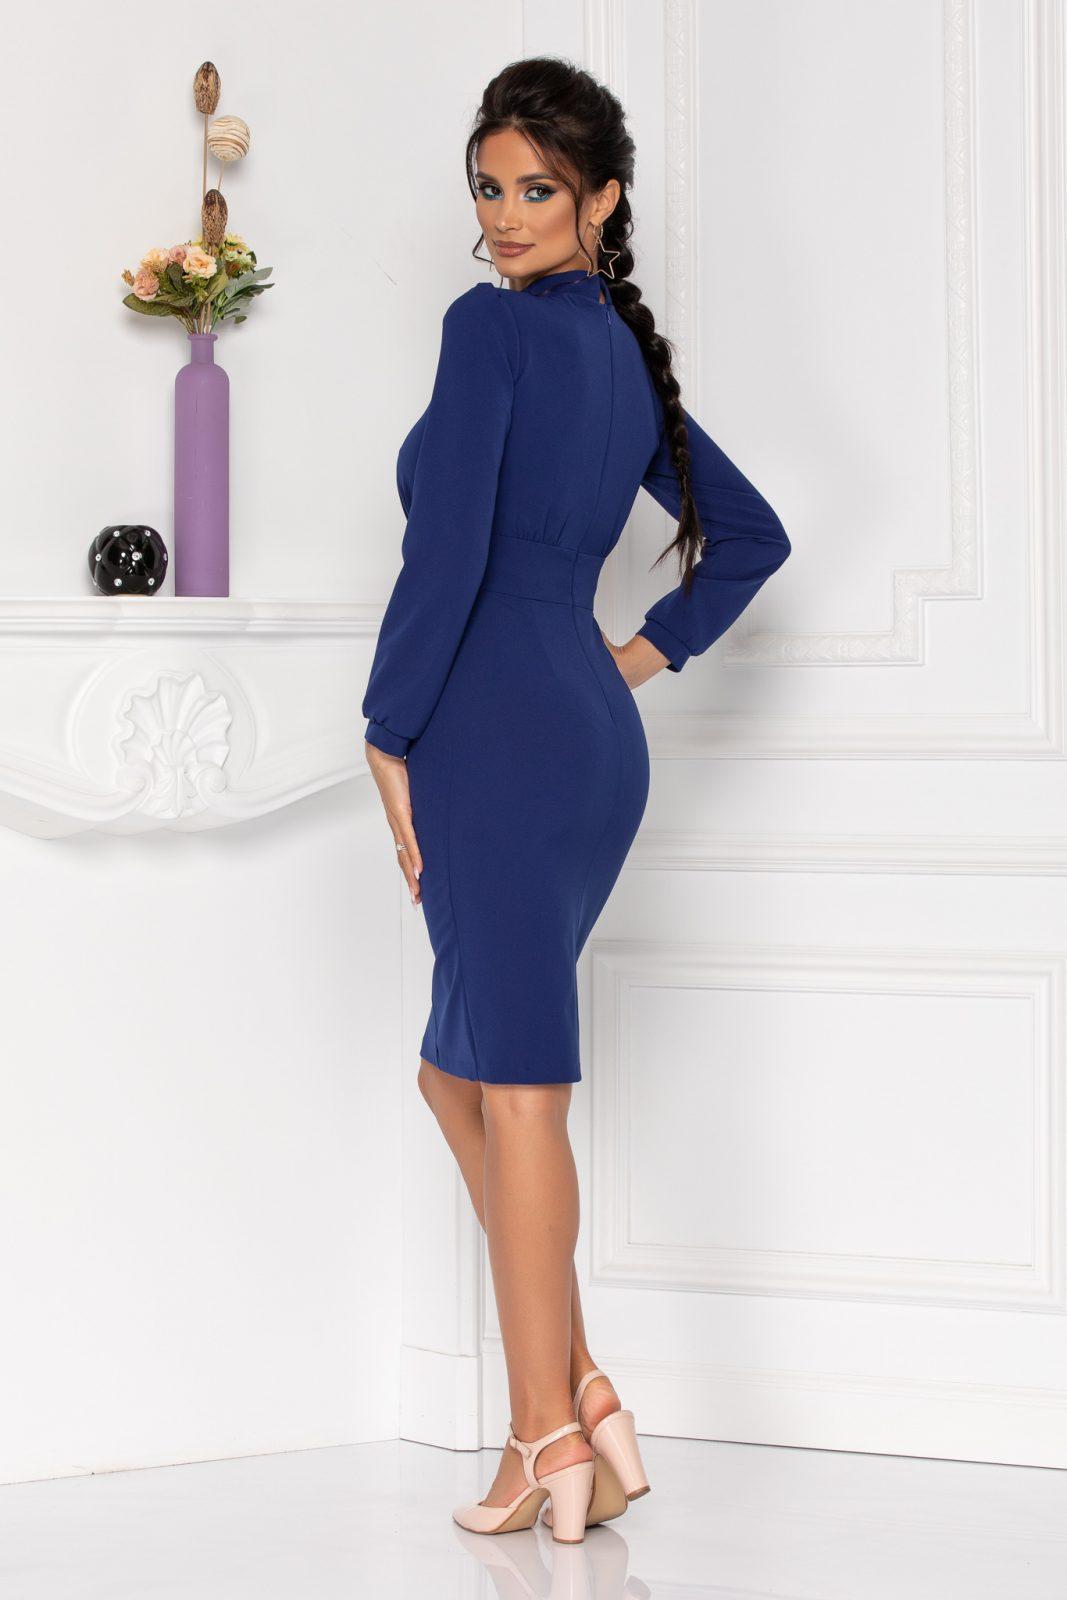 Μπλε Φόρεμα Με Κουμπιά Moze Geneve 8422 1